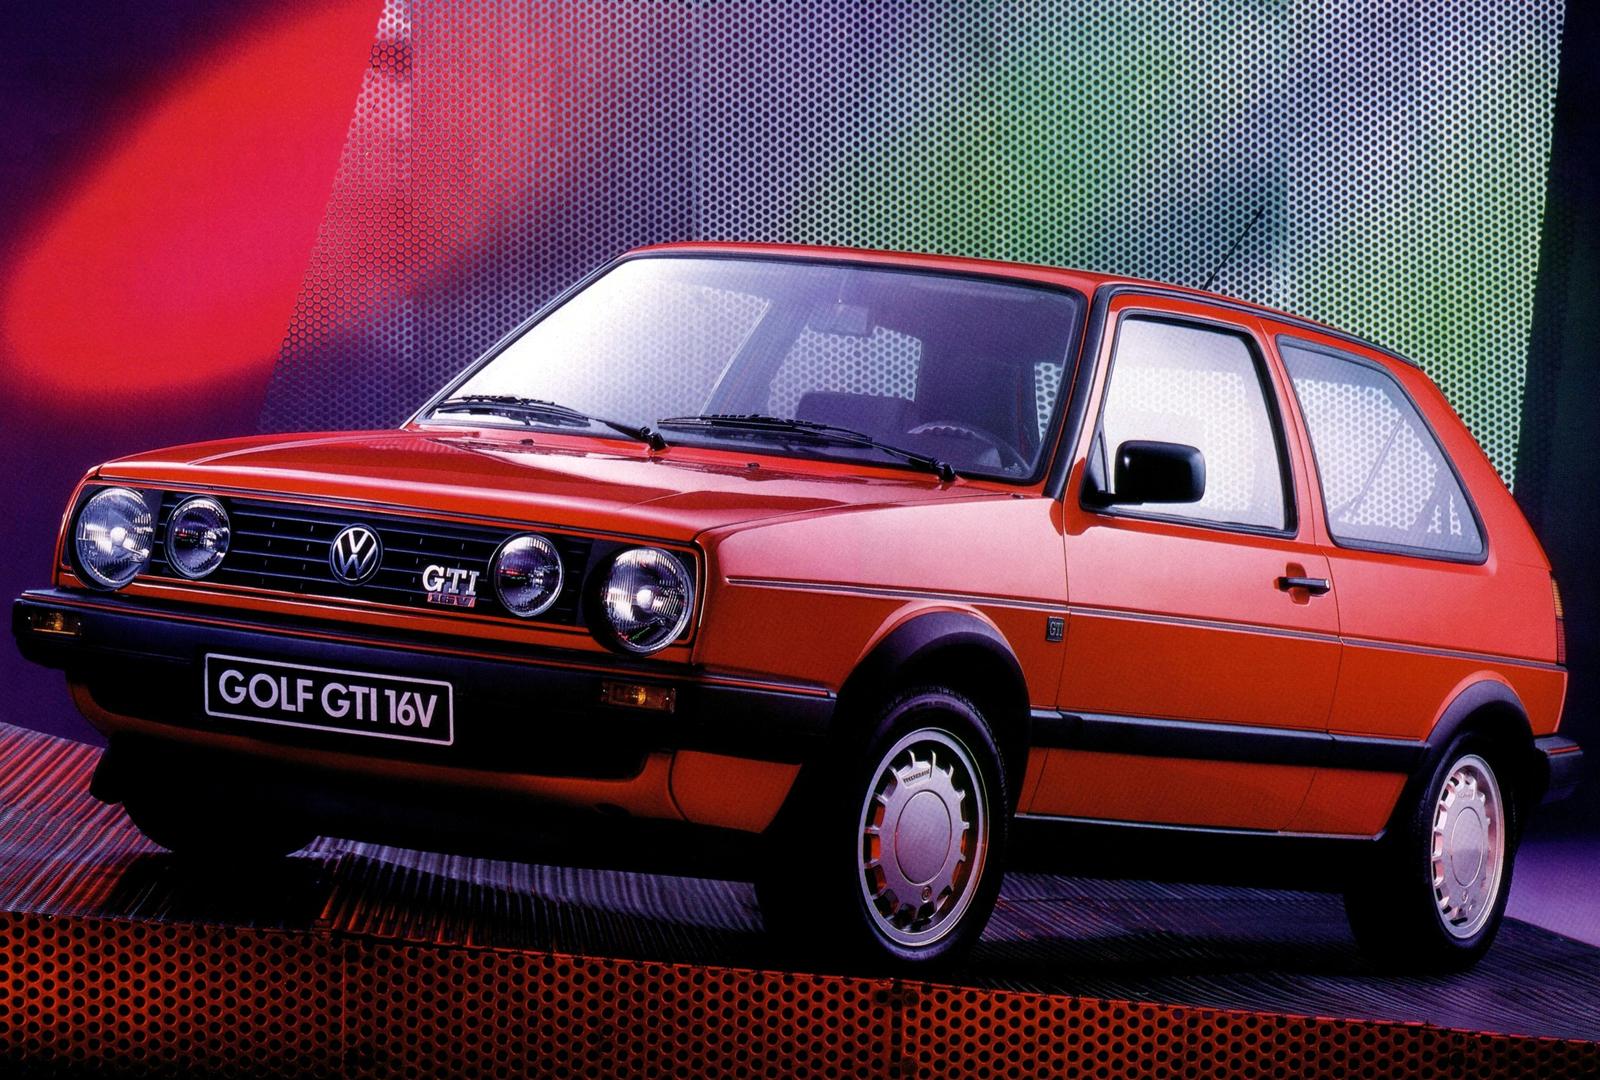 volkswagen golf gti 16v mk2 vermelho de frente